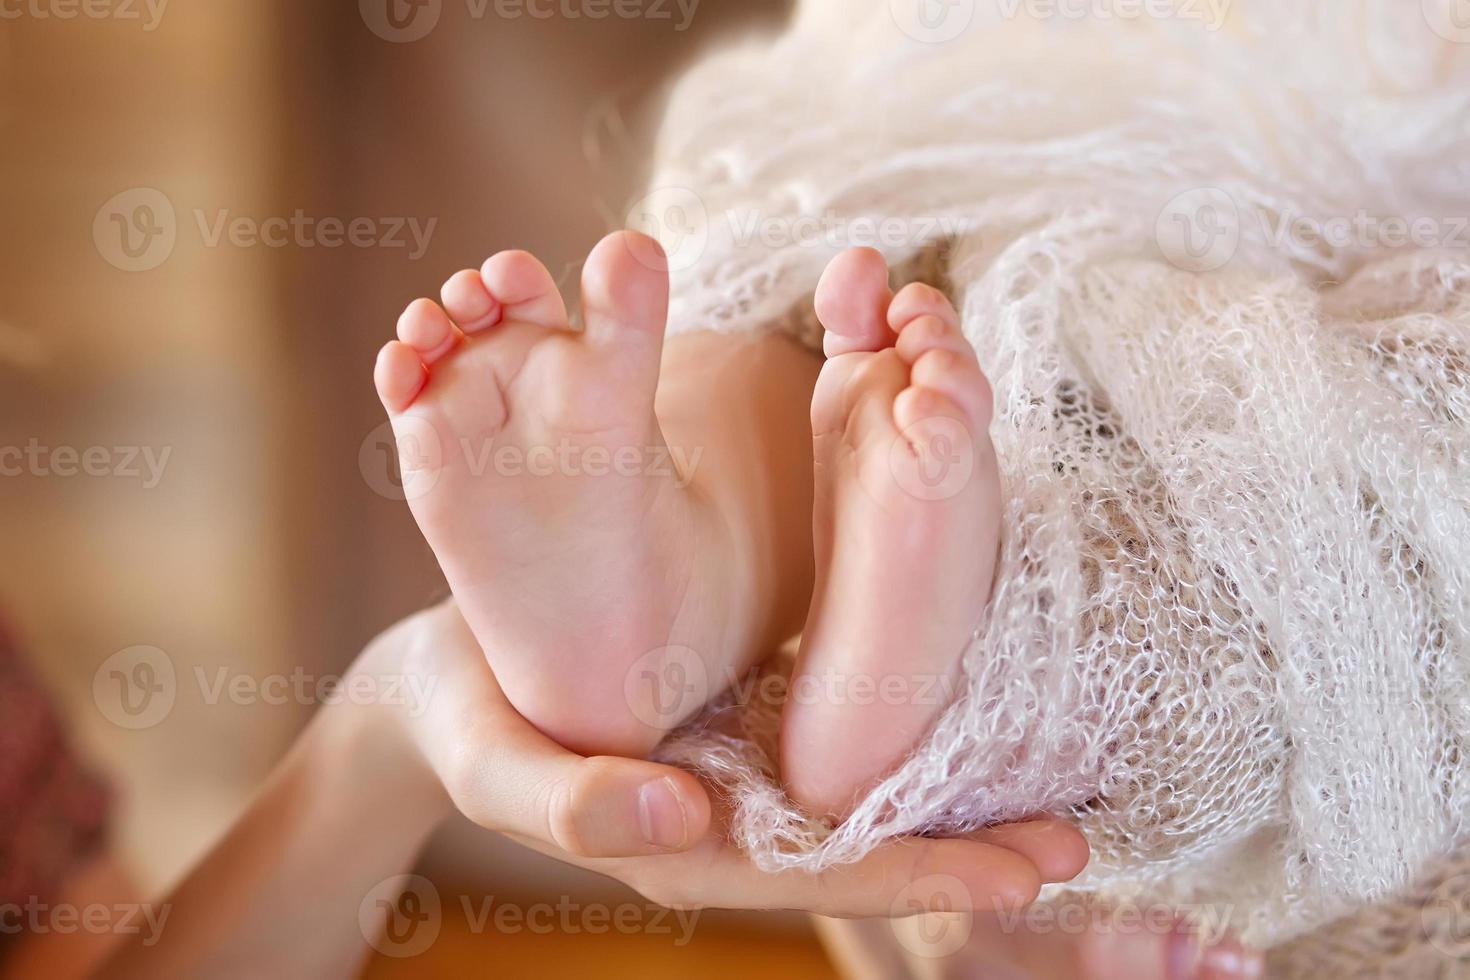 Babyfüße in Mutterhänden. Mutter und ihr Kind. foto